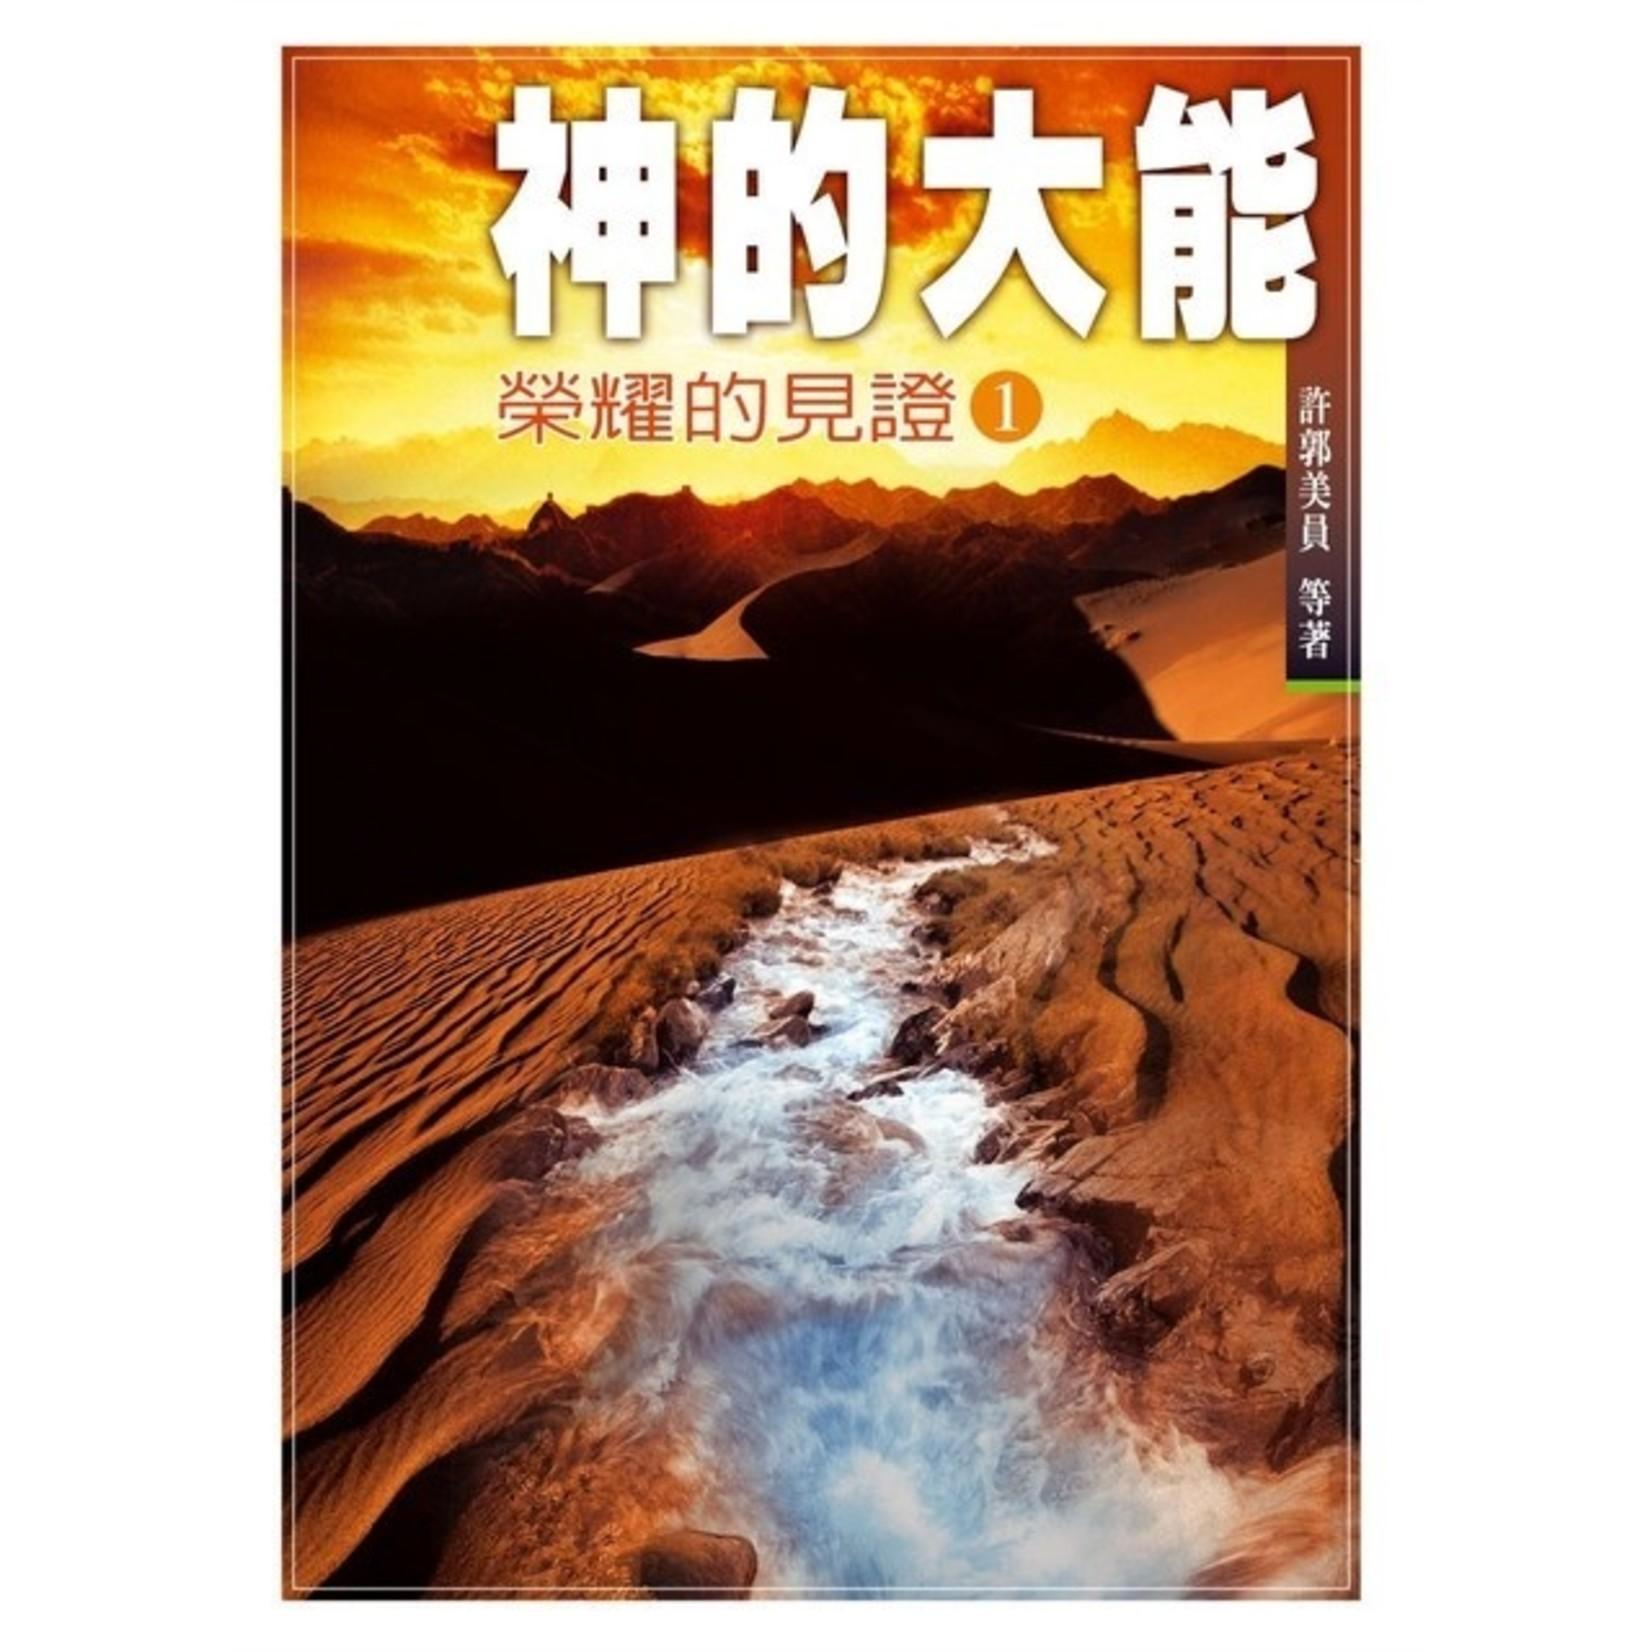 中國信徒佈道會 Chinese Christian Mission USA 神的大能:榮耀的見證 1